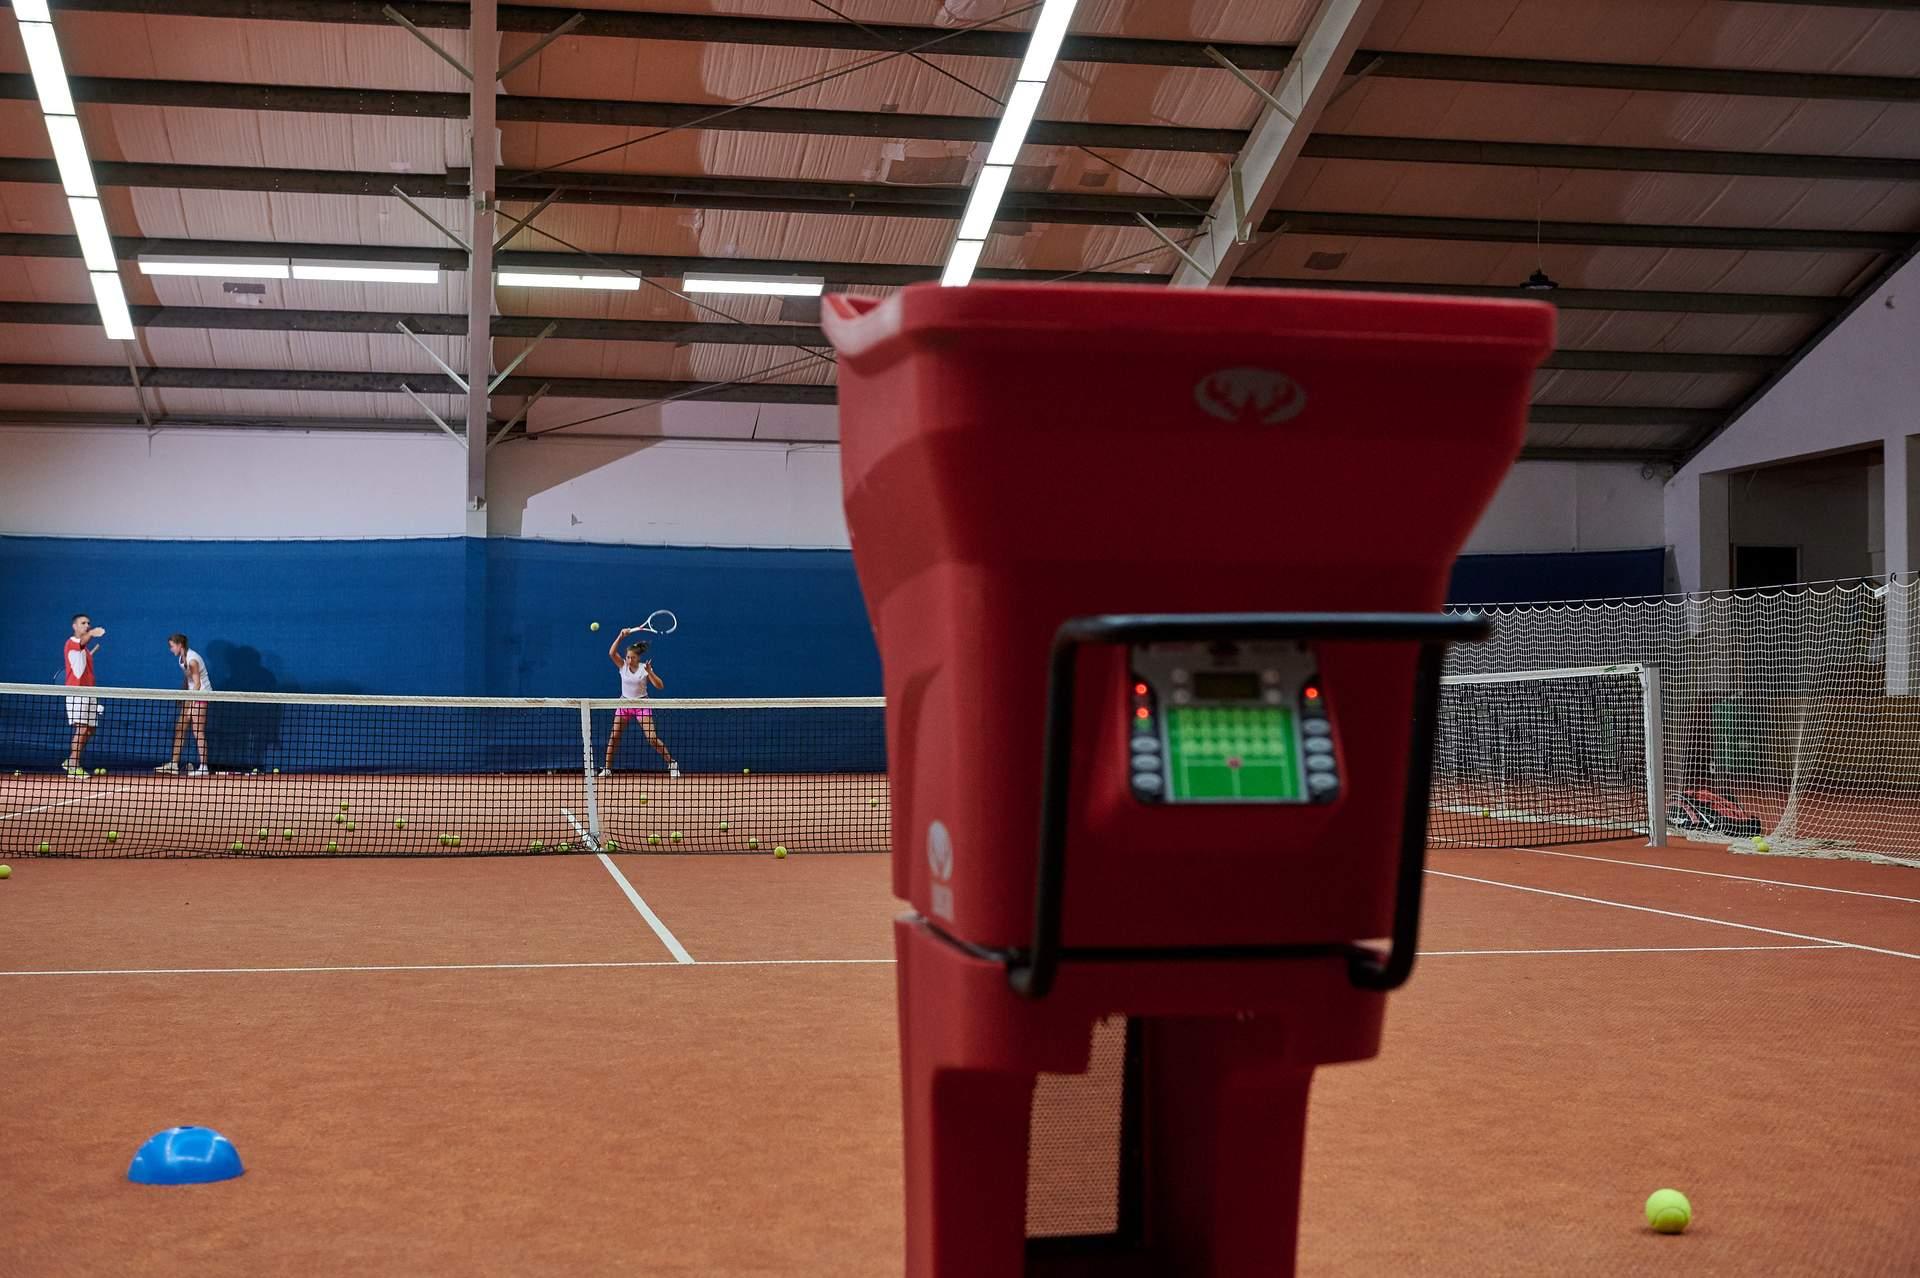 Tennistraining mit Ballwurfmaschine